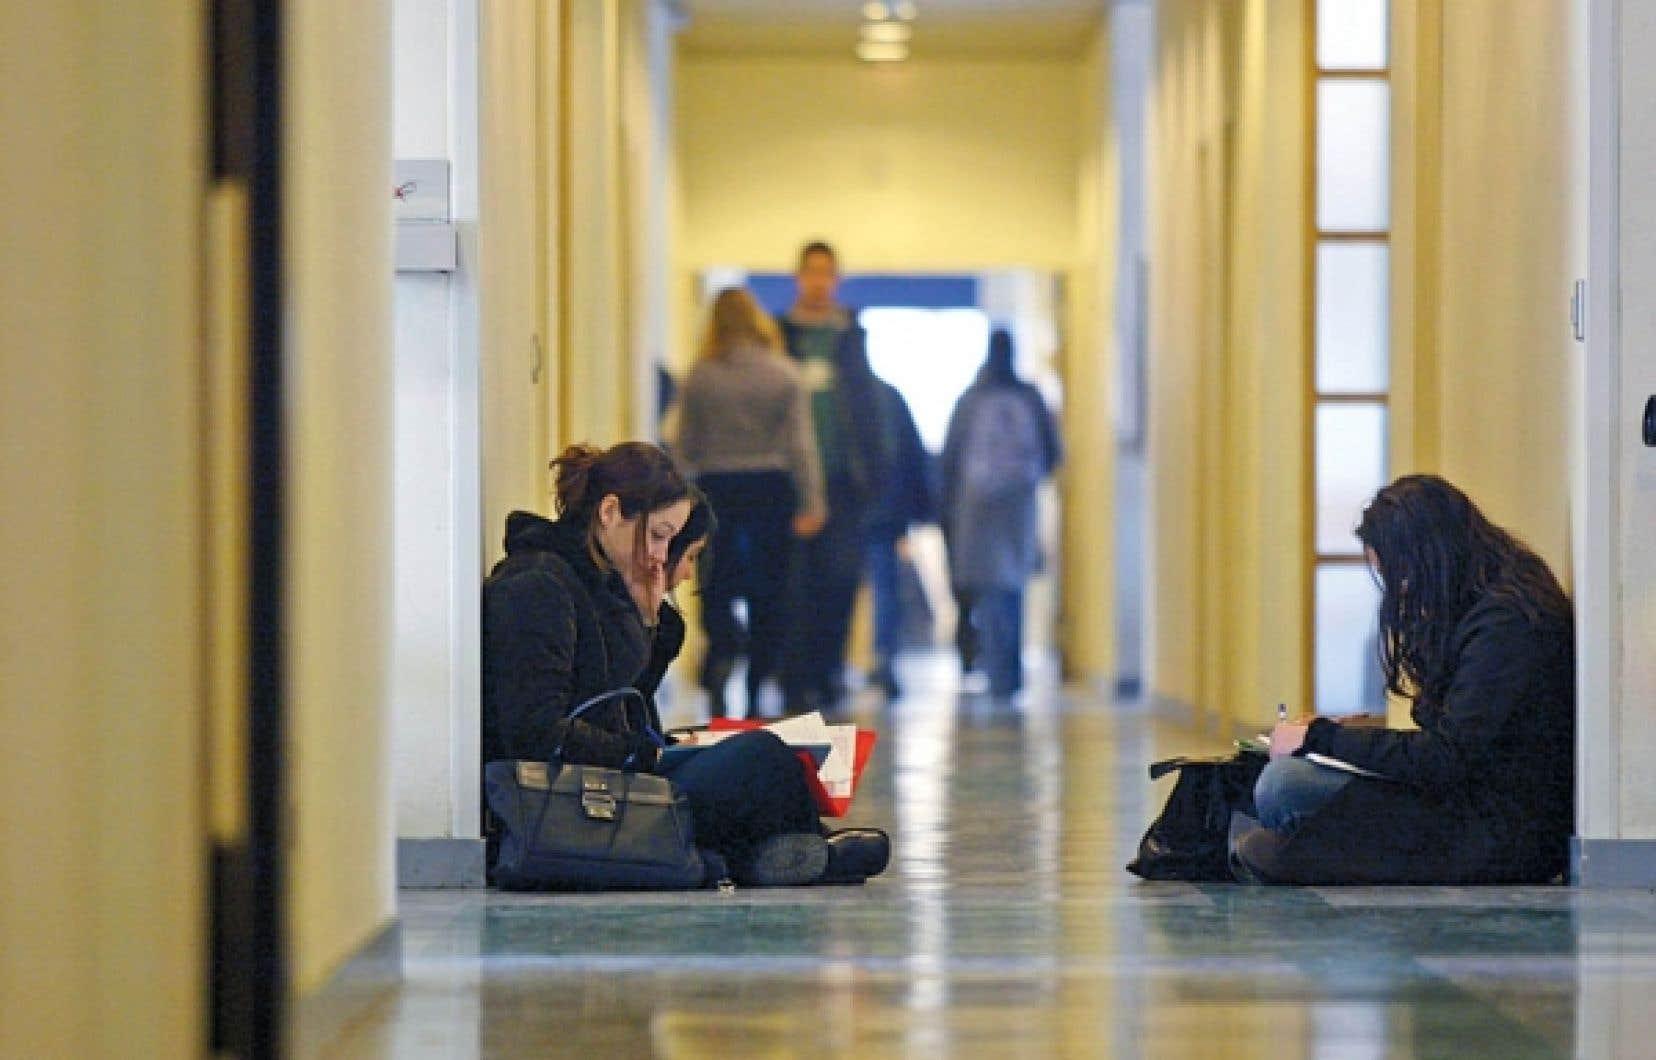 Le Québec est sous la moyenne canadienne en ce qui a trait à la facture refilée aux étudiants universitaires, mais se situe au-dessus de celle des pays membres de l'OCDE.